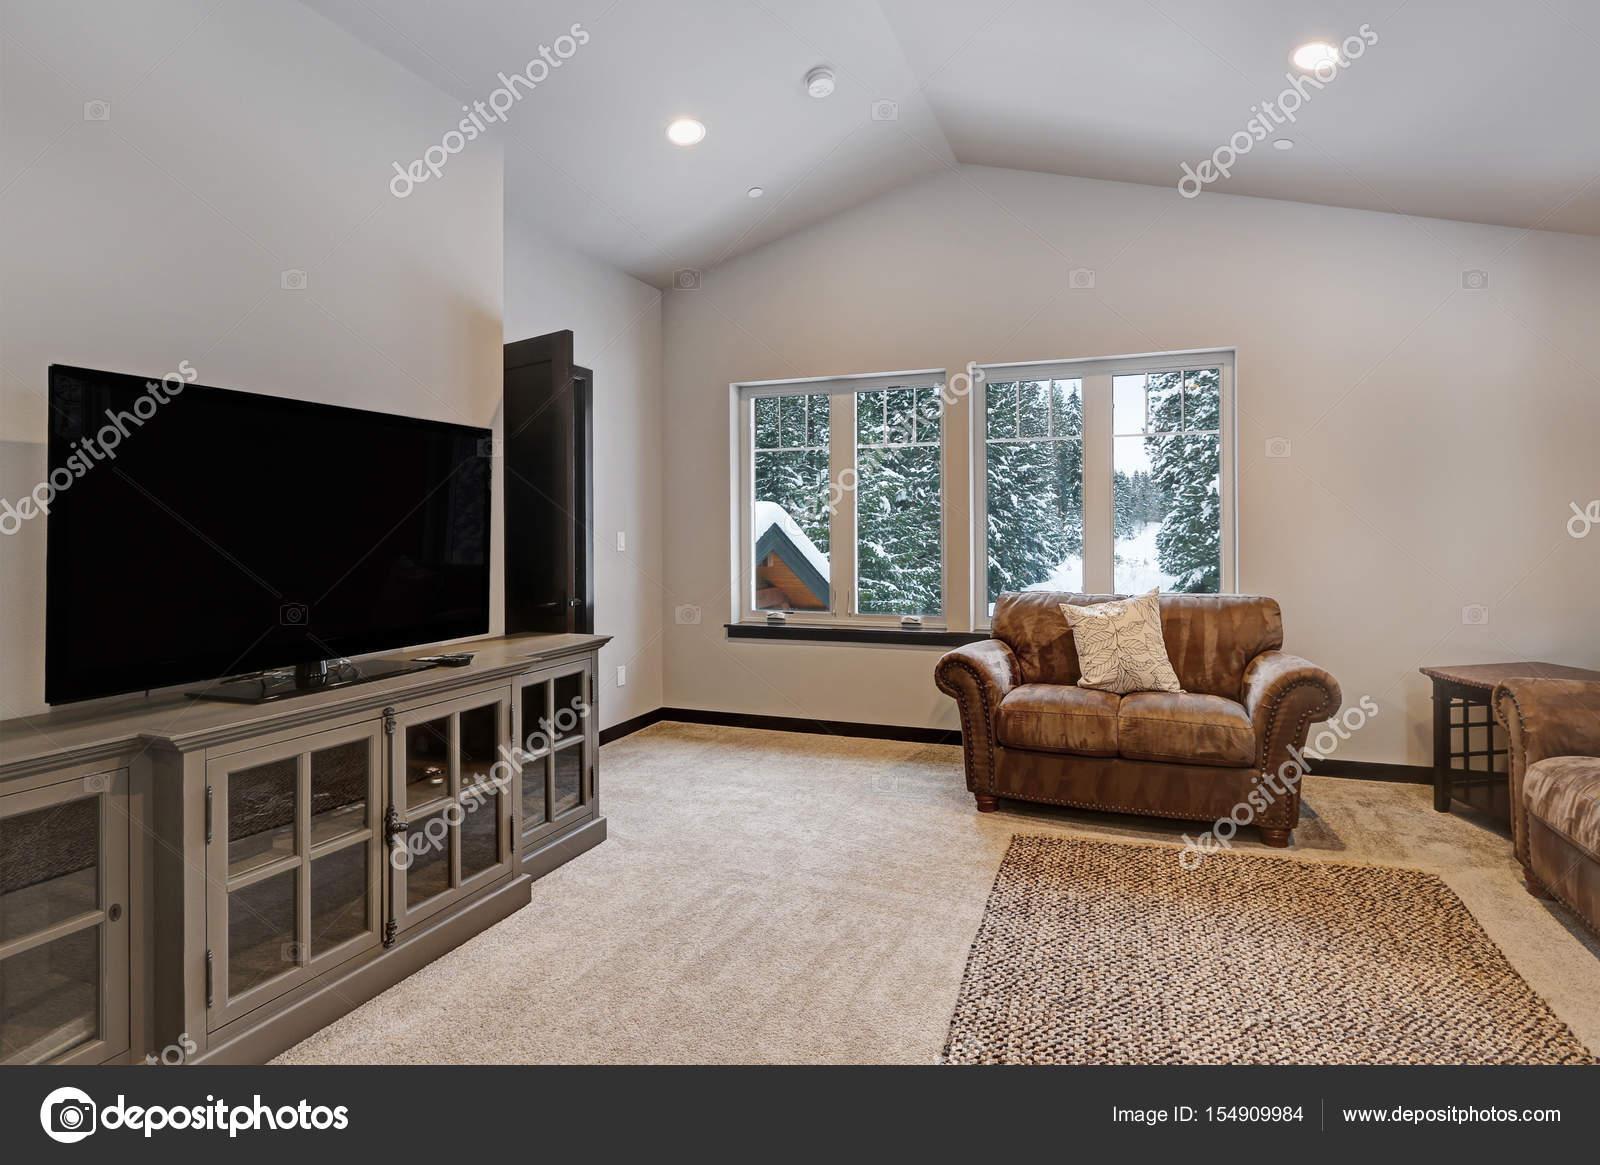 jongens stapelbed kamer interieur met woonruimte stockfoto